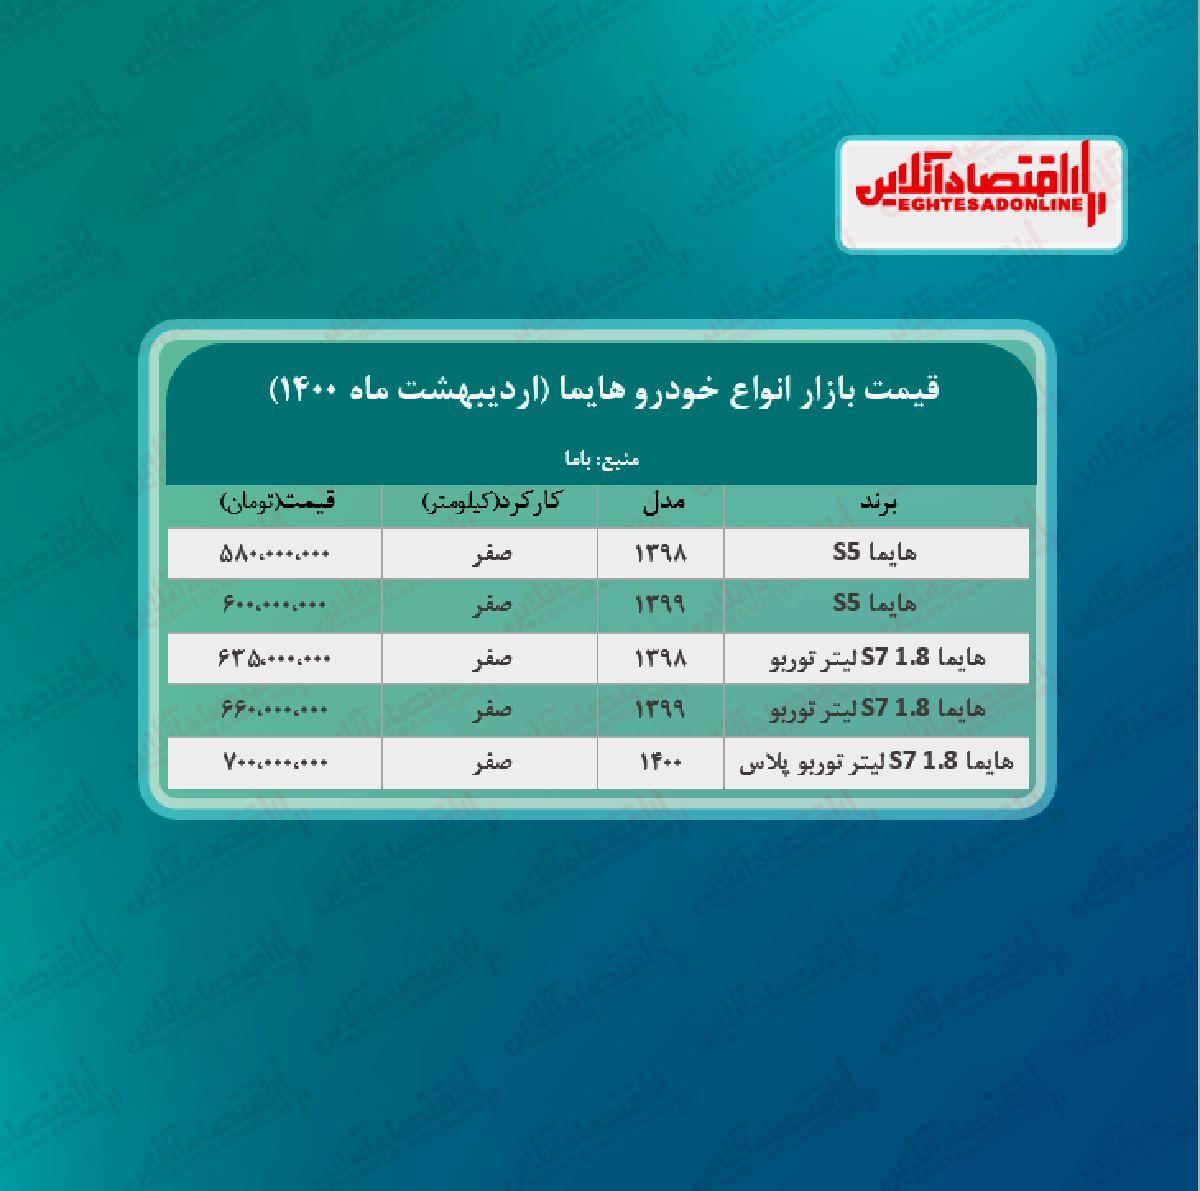 قیمت جدید هایما در تهران + جدول